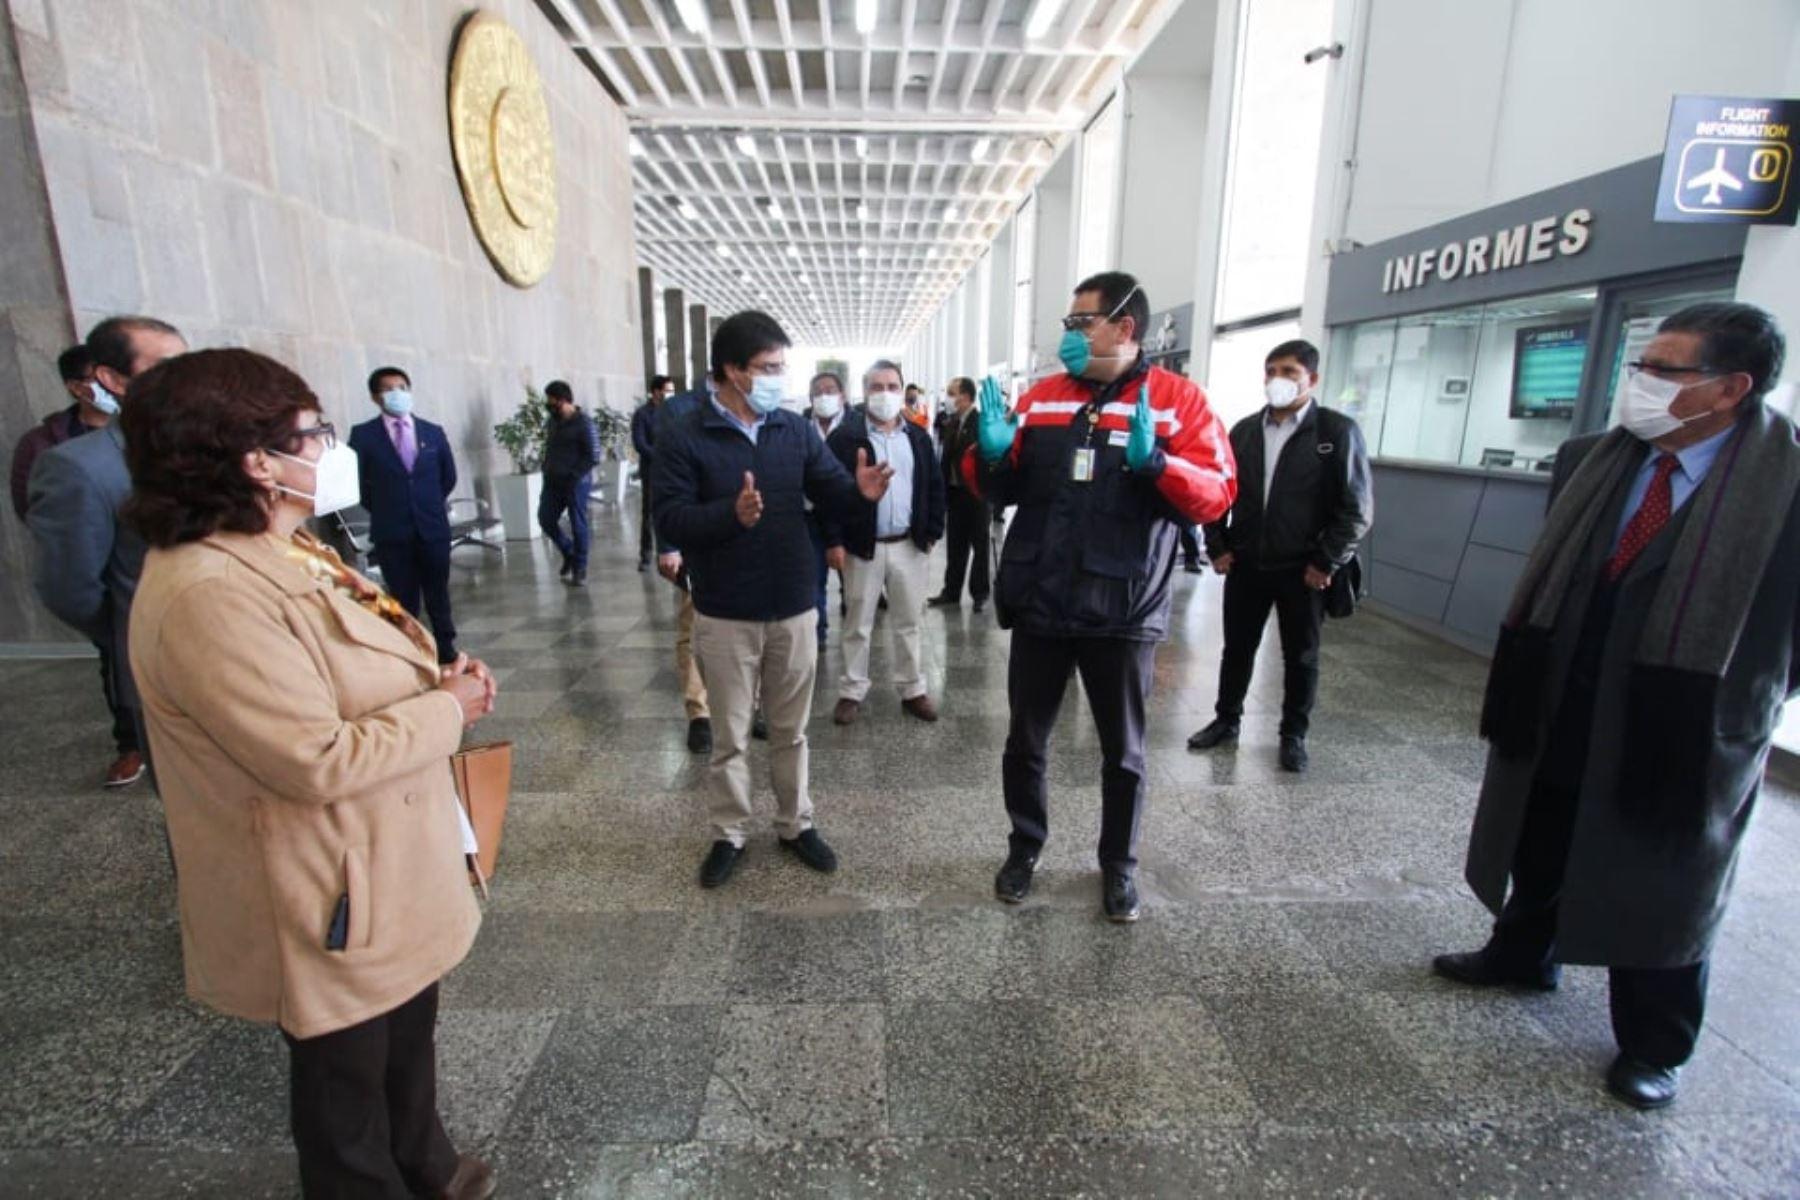 El aeropuerto de Cusco tiene listo protocolos de salud para recibir a pasajeros con reinicio de actividades aeroportuarias.